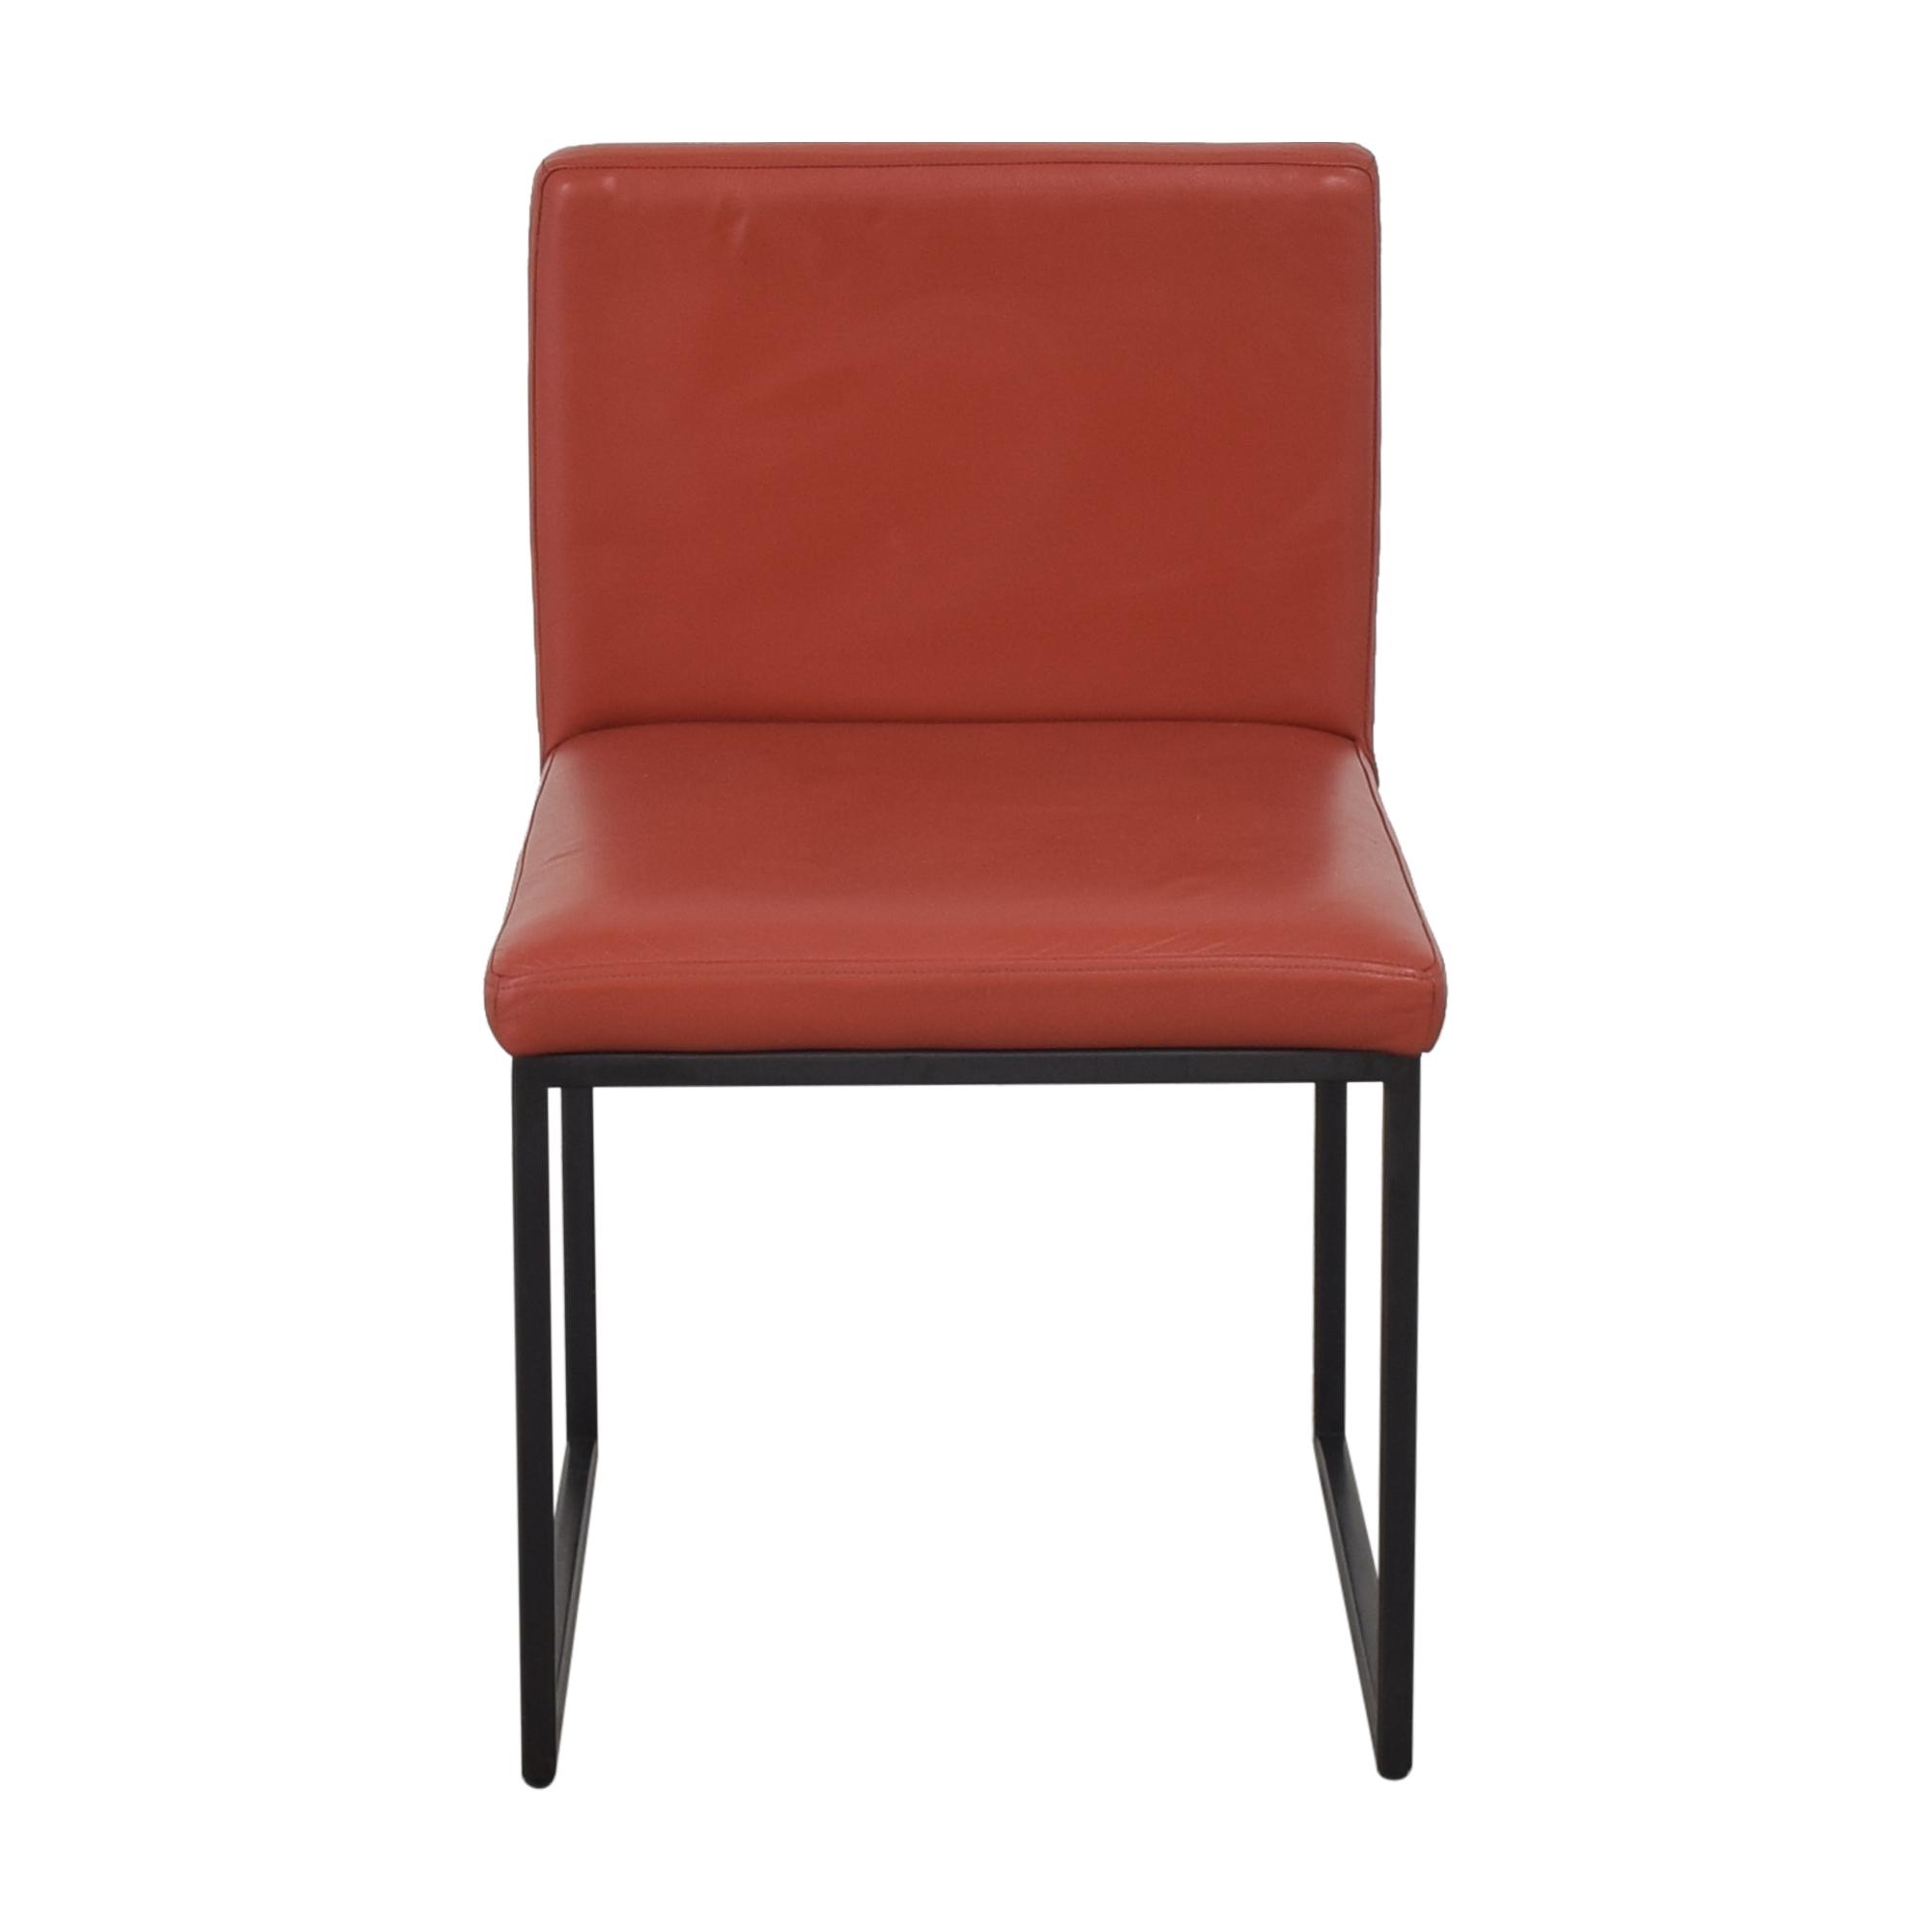 Desiron Desiron Suffolk Dining Chair ct